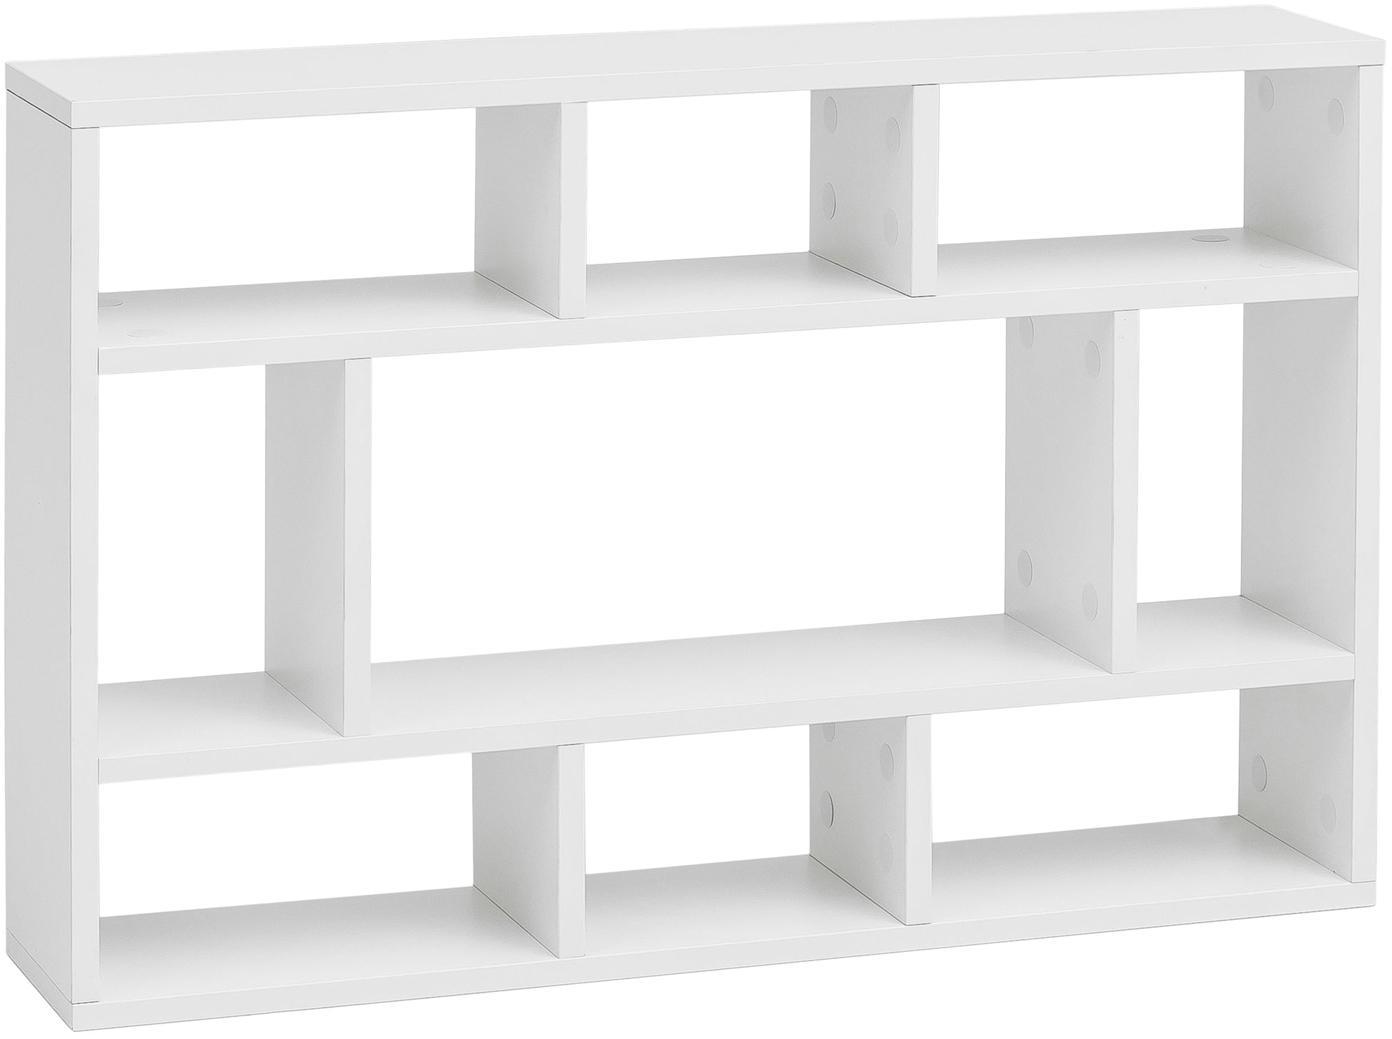 Kleines Wandregal Alek in Weiß Matt, Spanplatte, melaminbeschichtet, Weiß, 75 x 51 cm